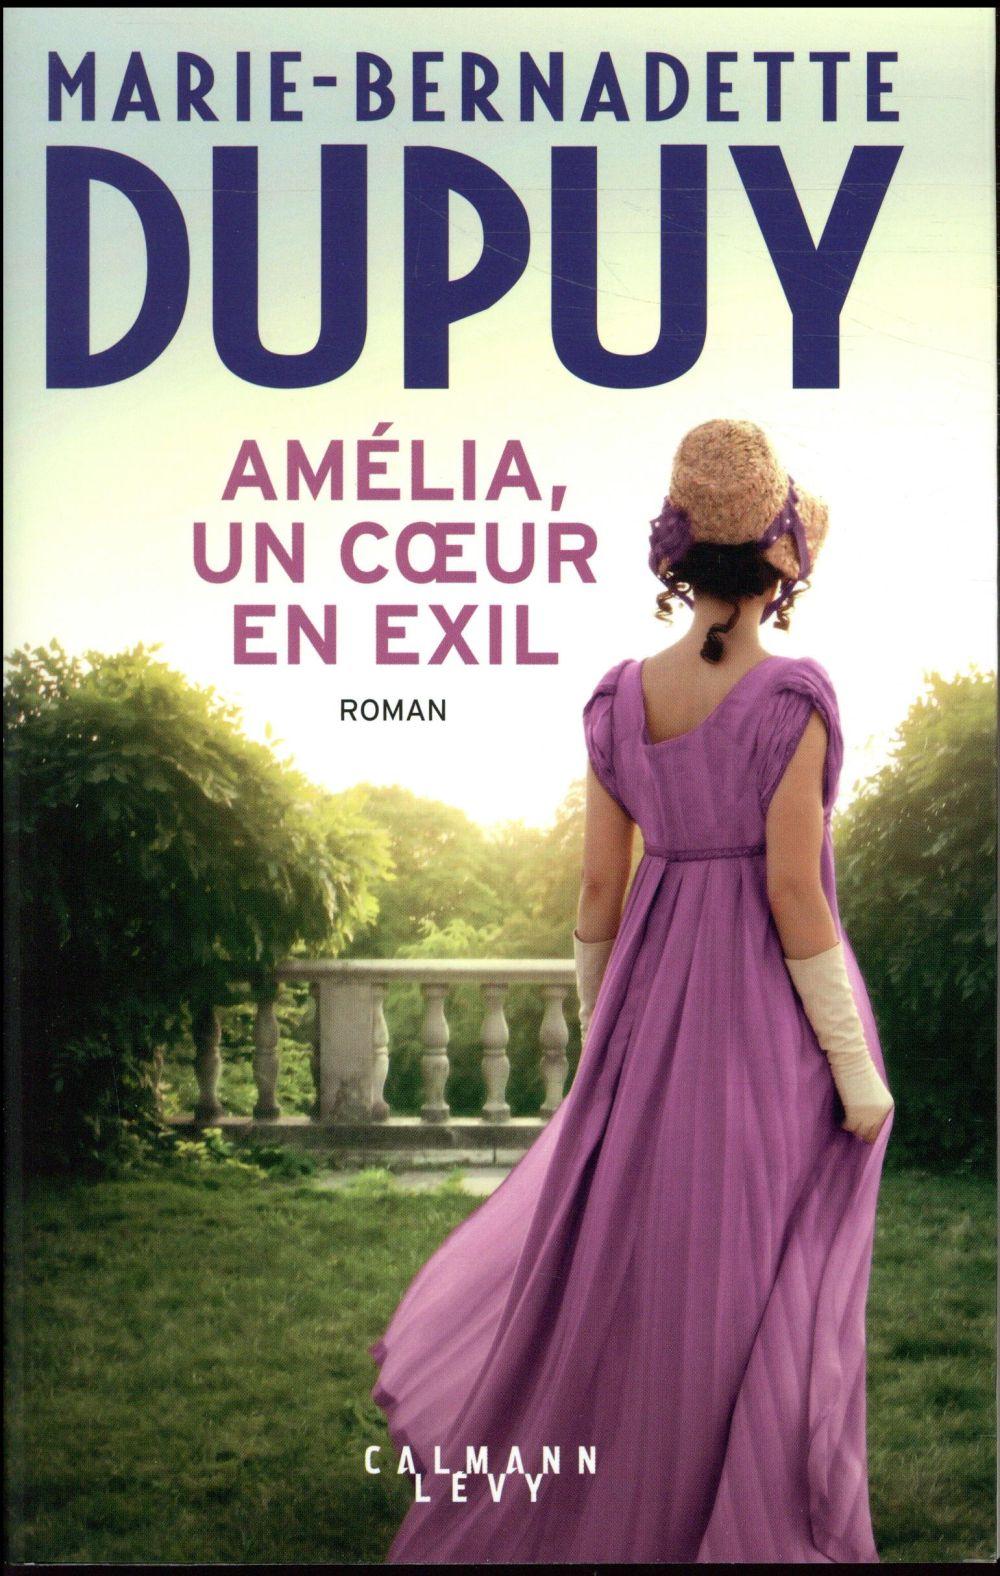 AMELIA, UN COEUR EN EXIL